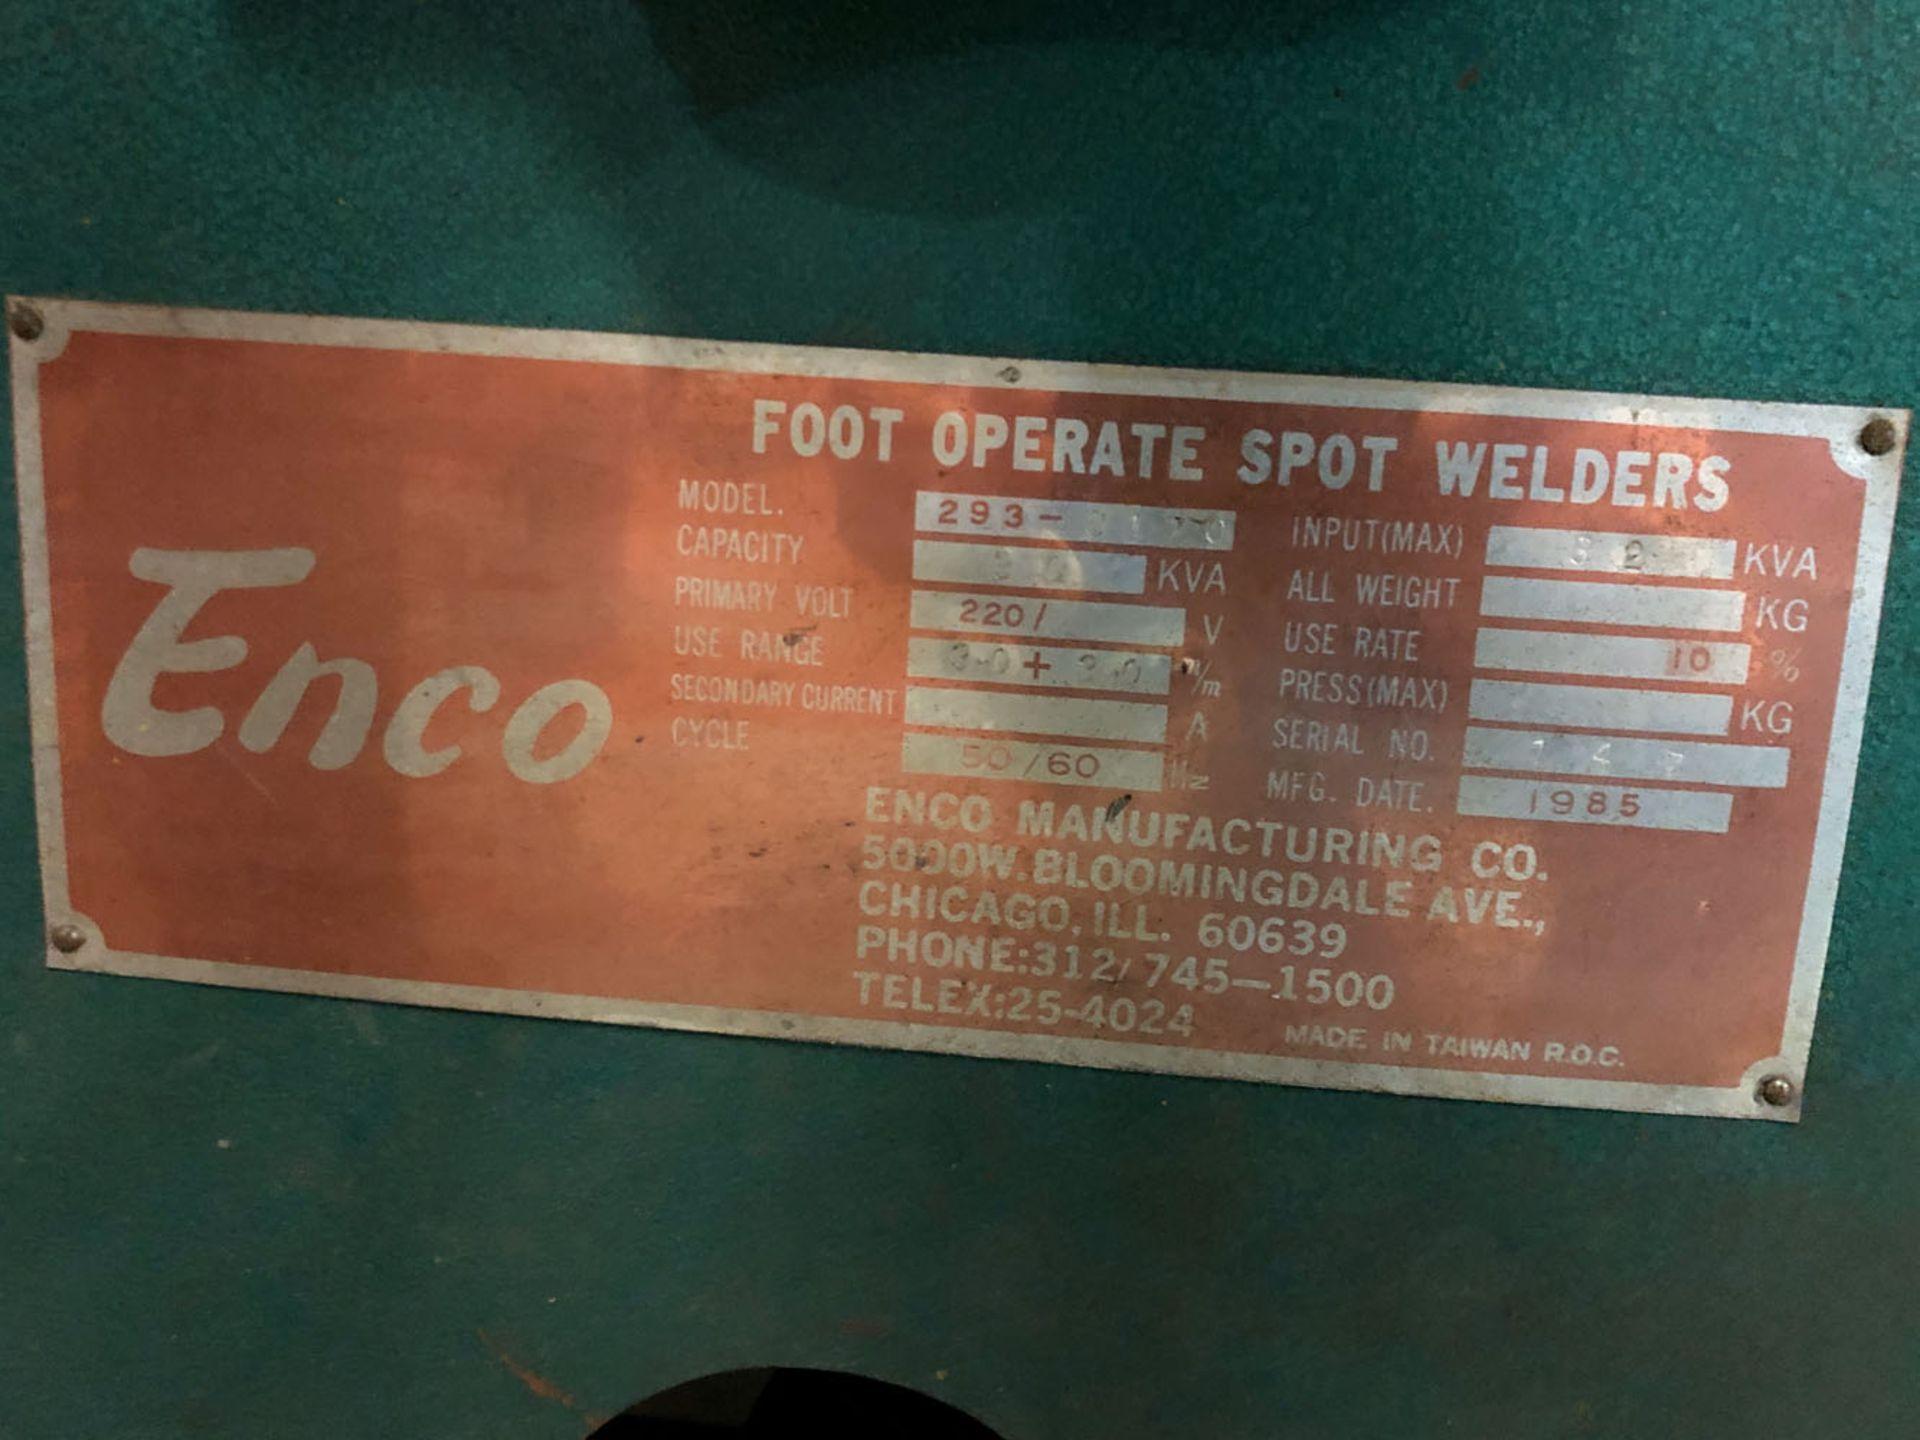 Lot 123 - Spot Welder, Enco Model 293-8170